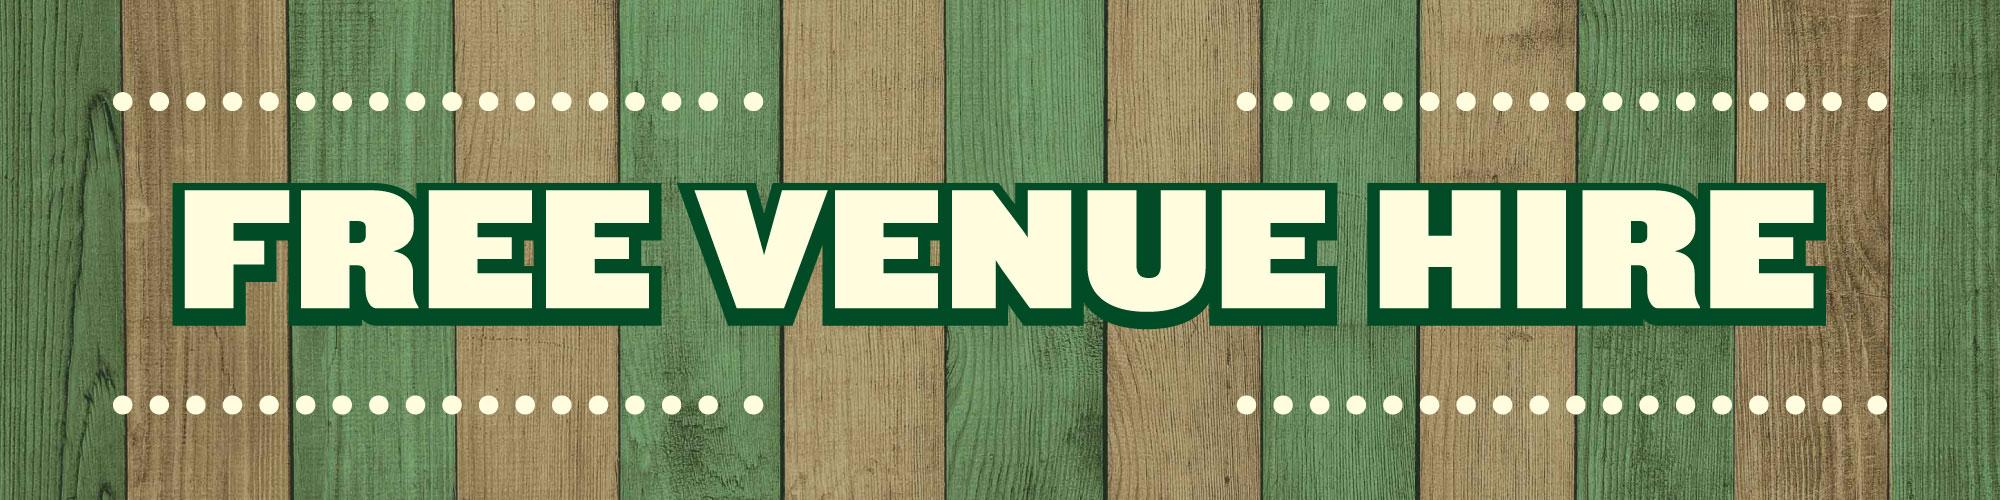 Banner-VENUEHIREFree.jpg